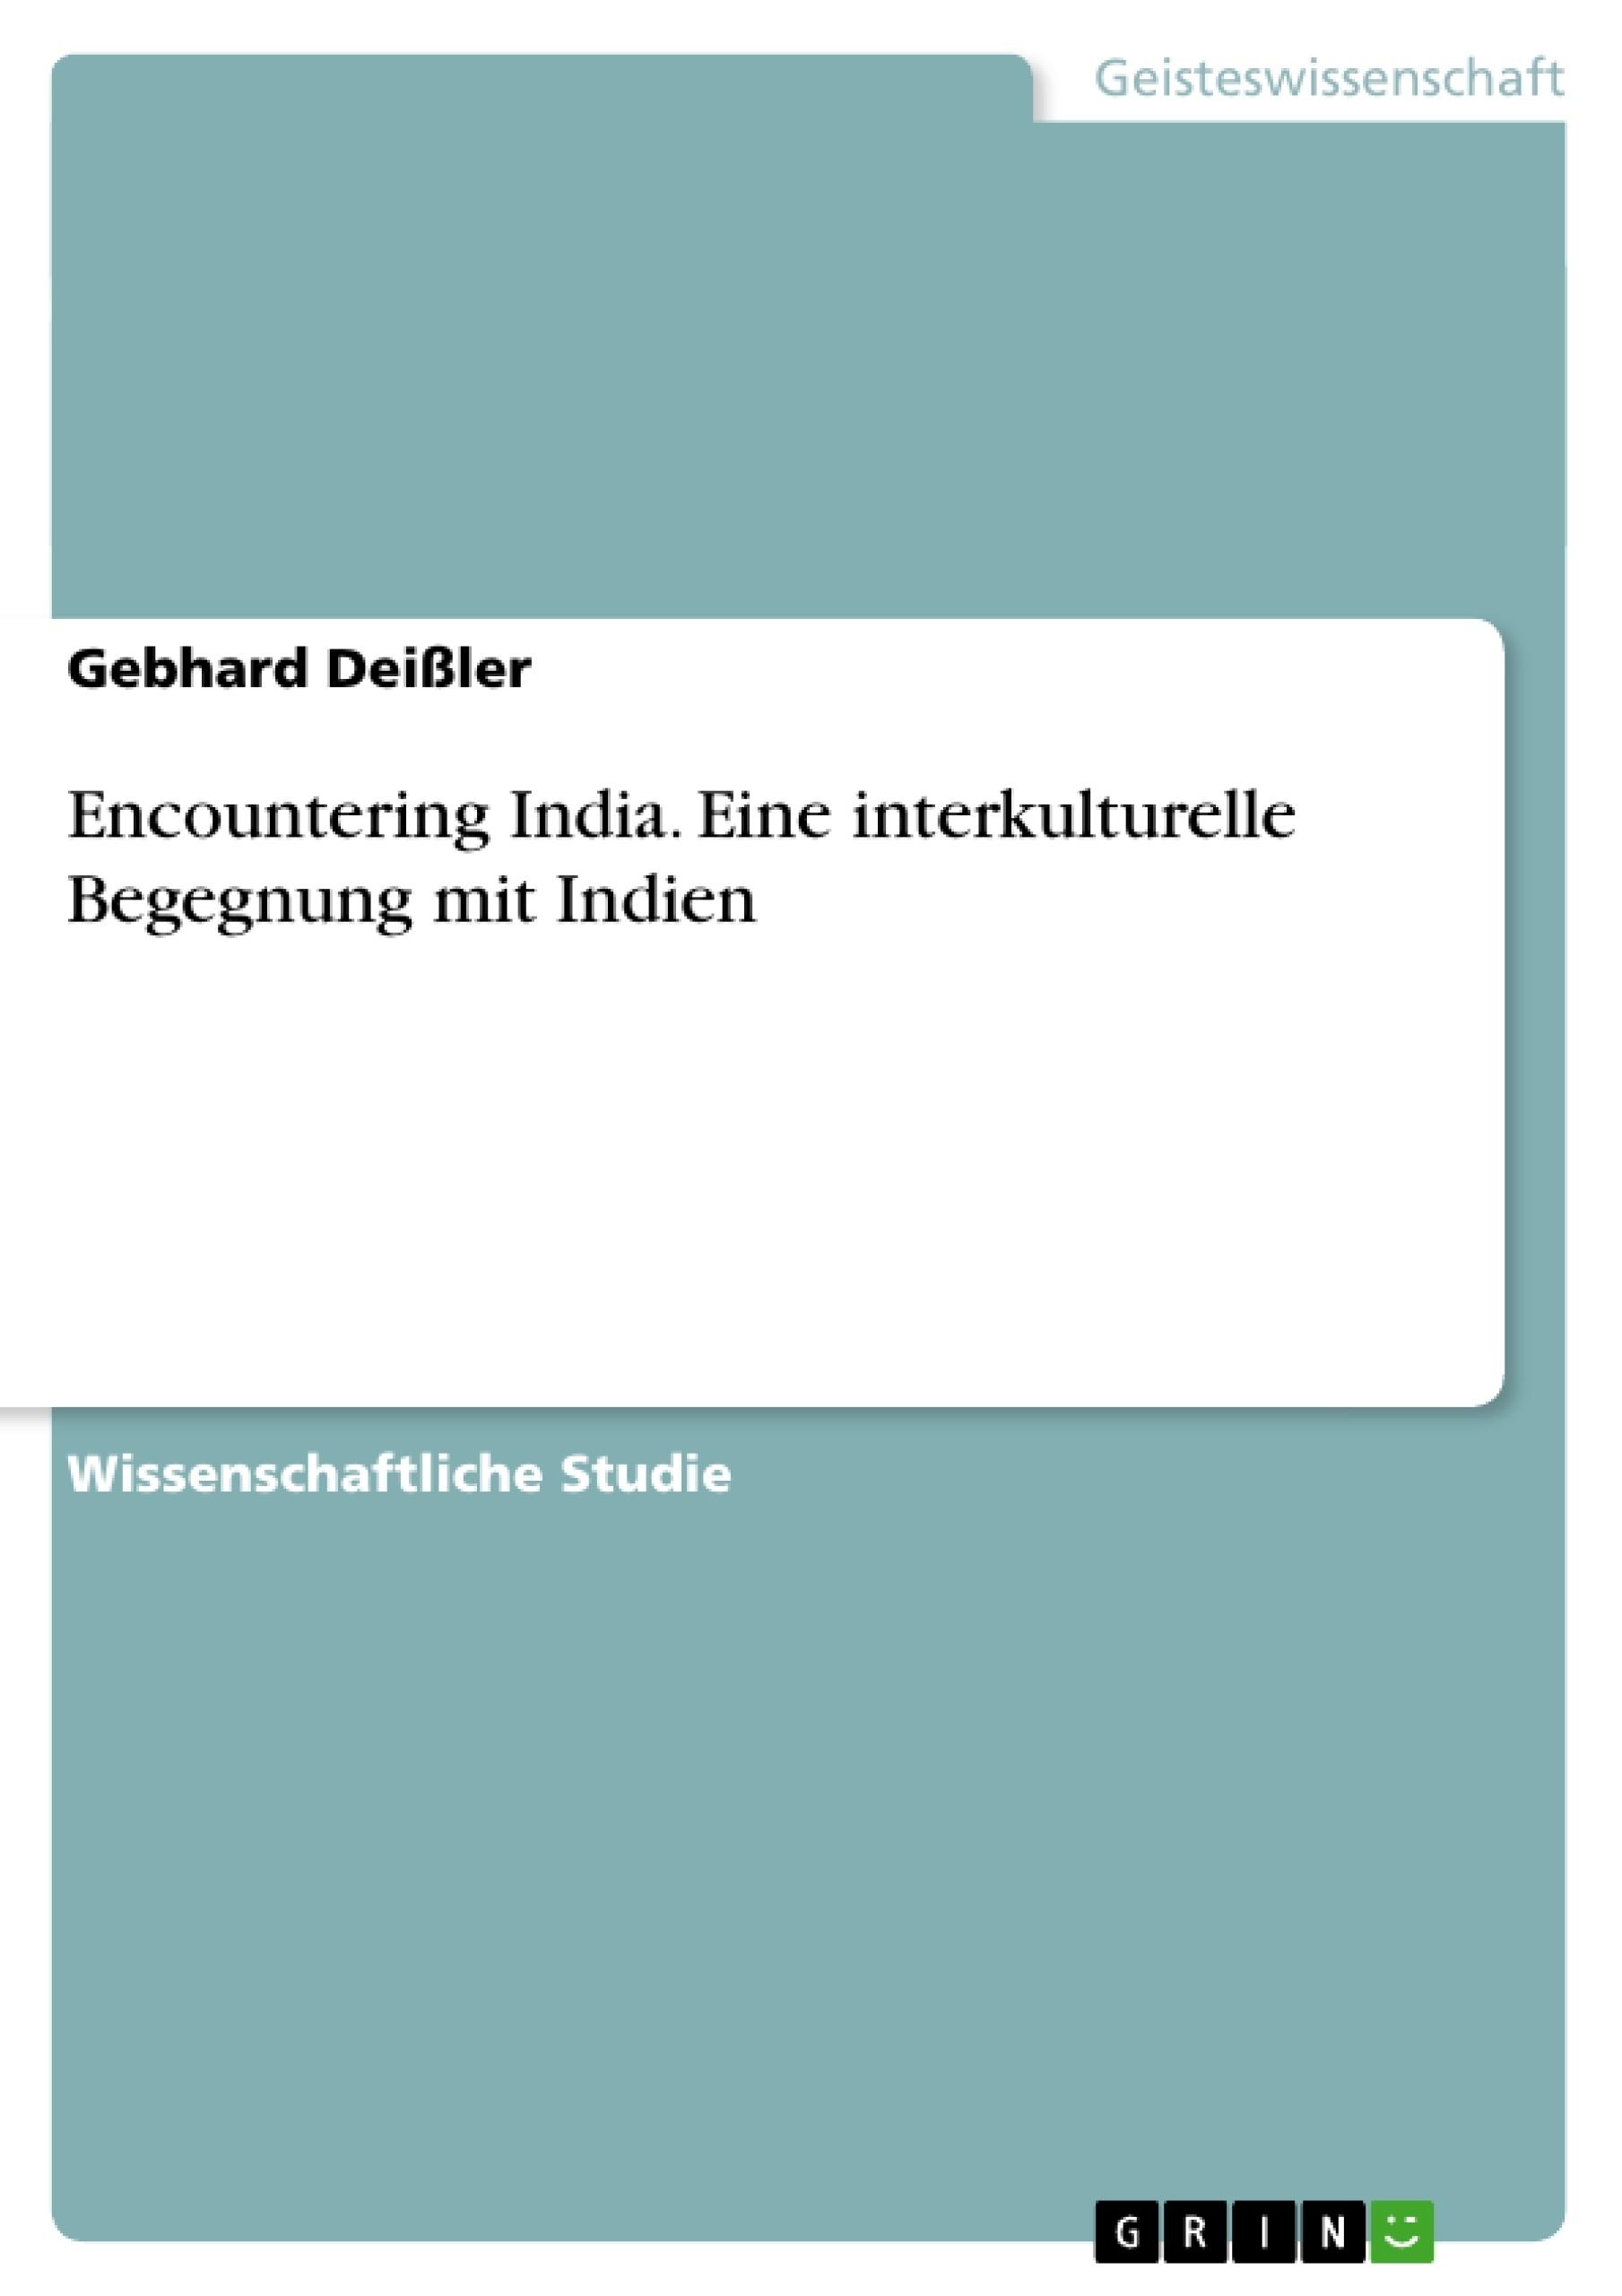 Titel: Encountering India. Eine interkulturelle Begegnung mit Indien